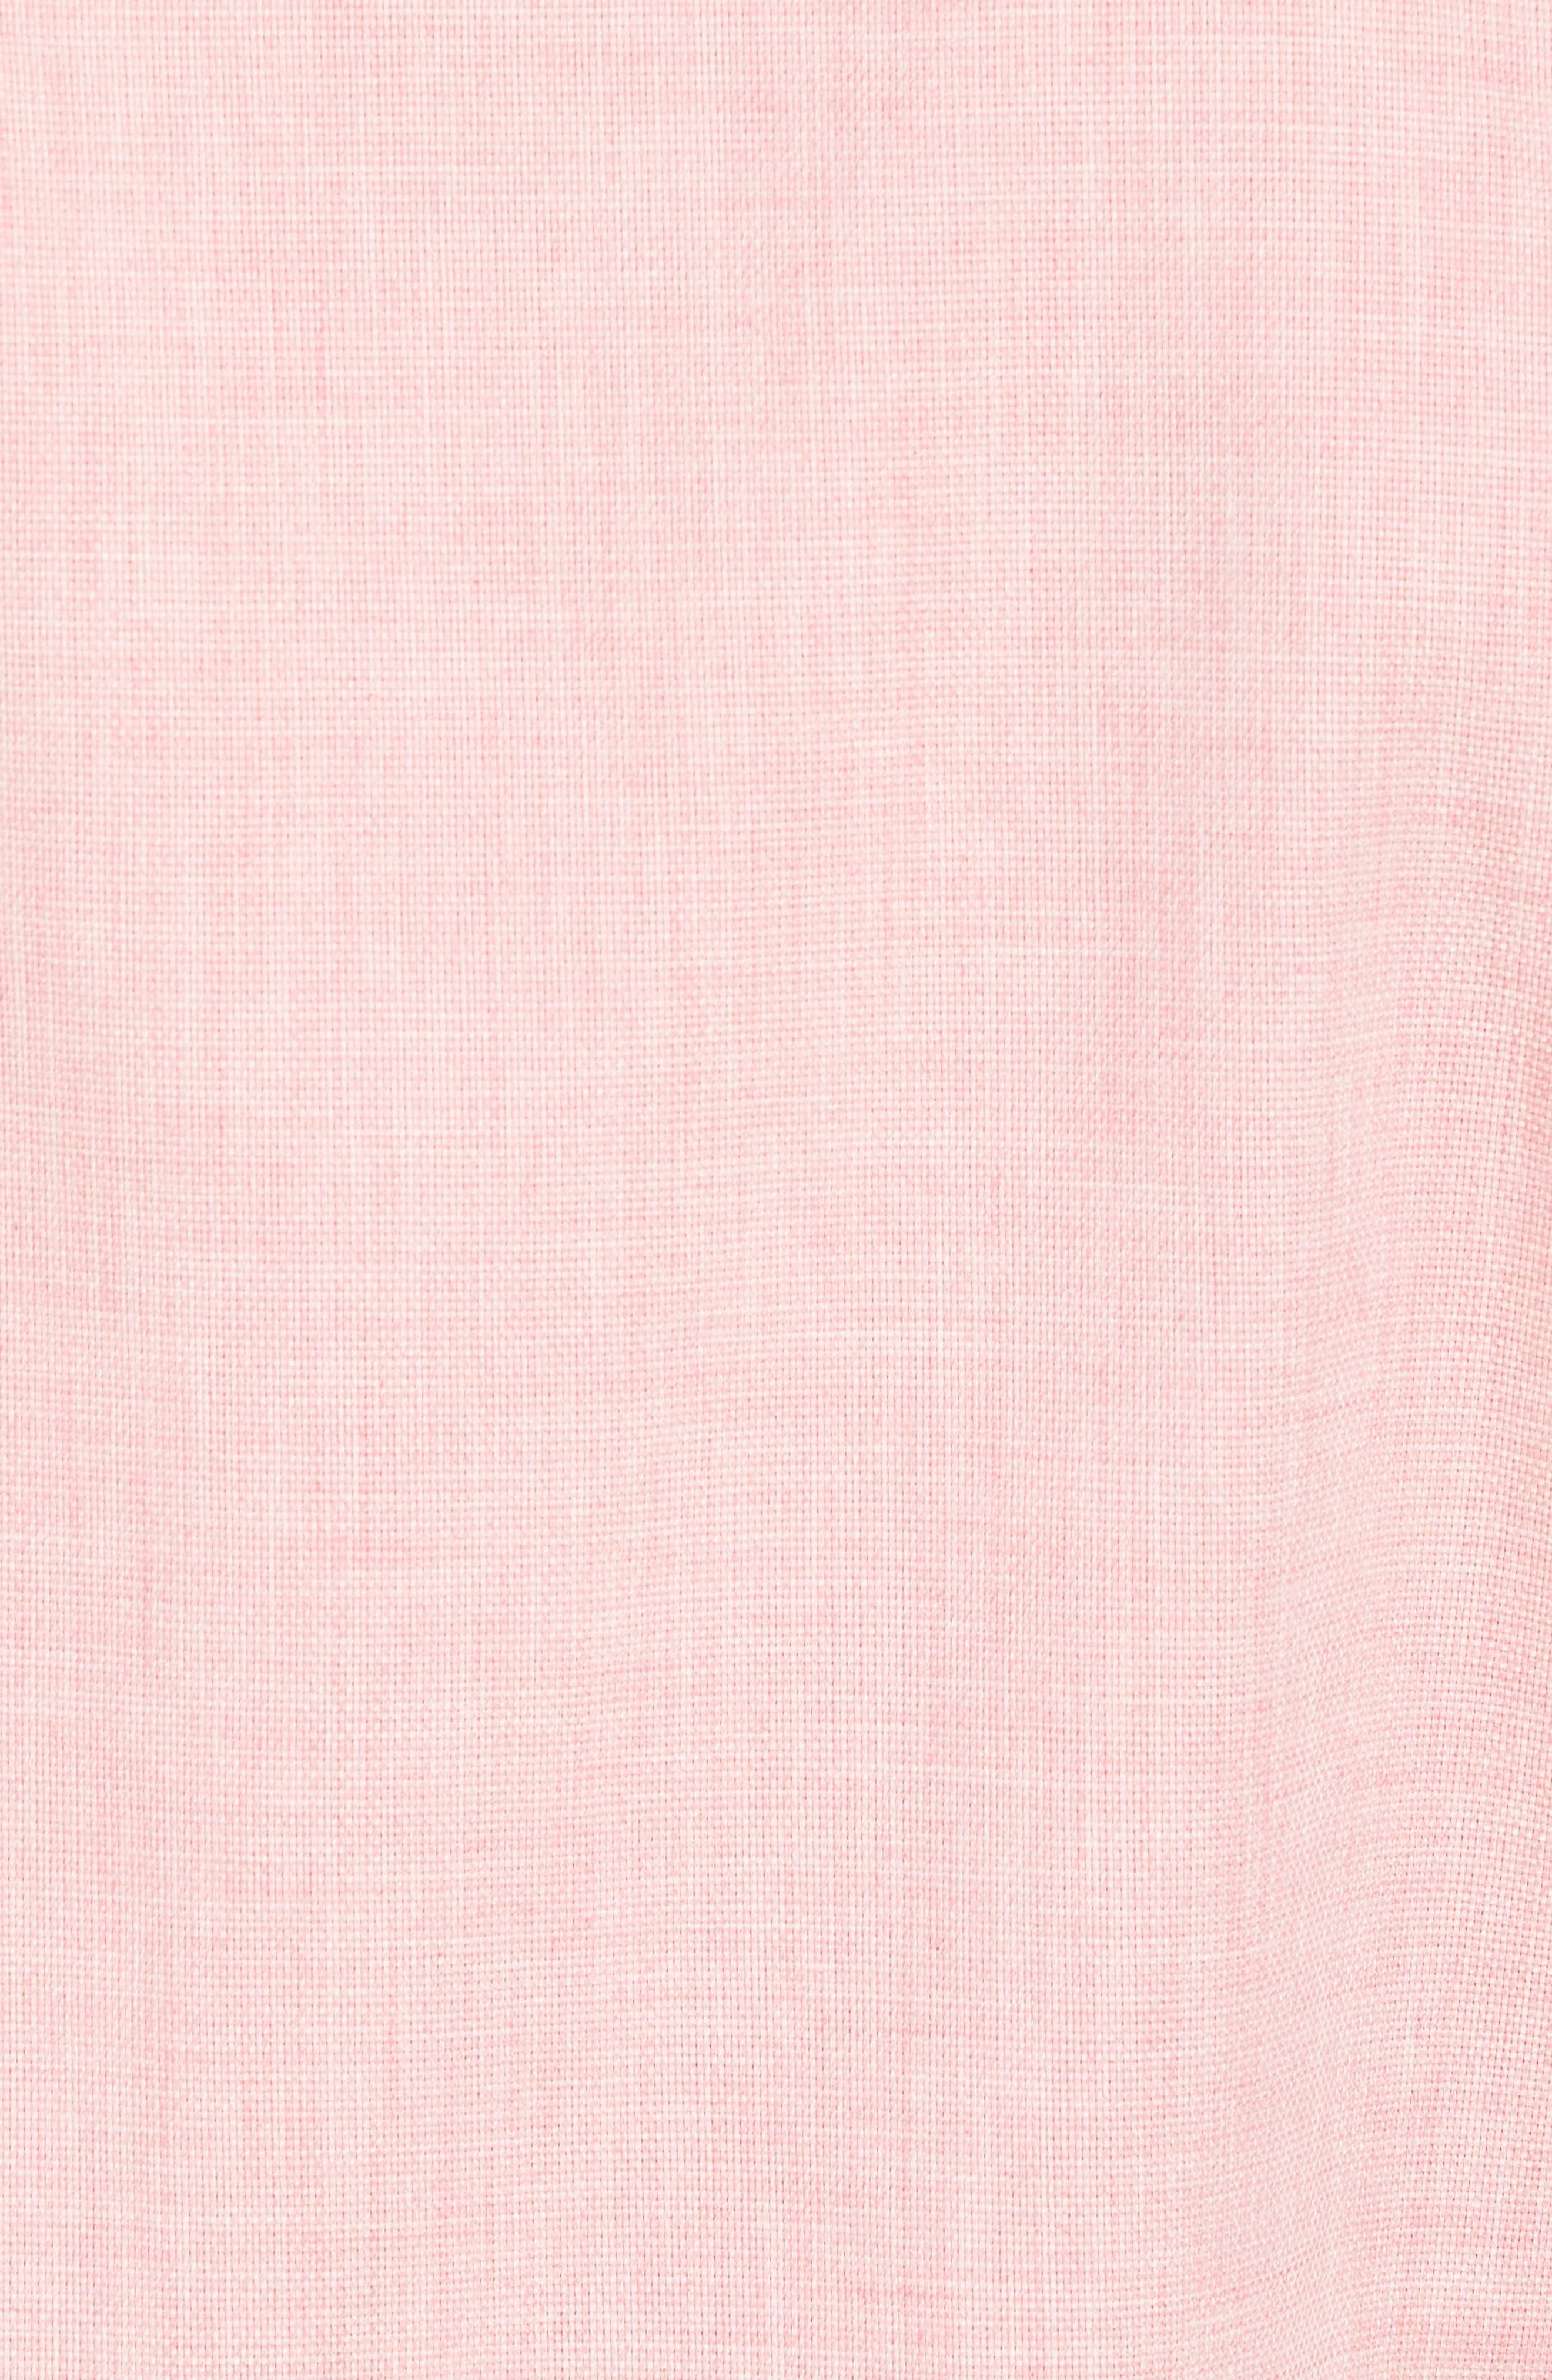 Regular Fit Garment Washed Mélange Sport Shirt,                             Alternate thumbnail 5, color,                             Pink